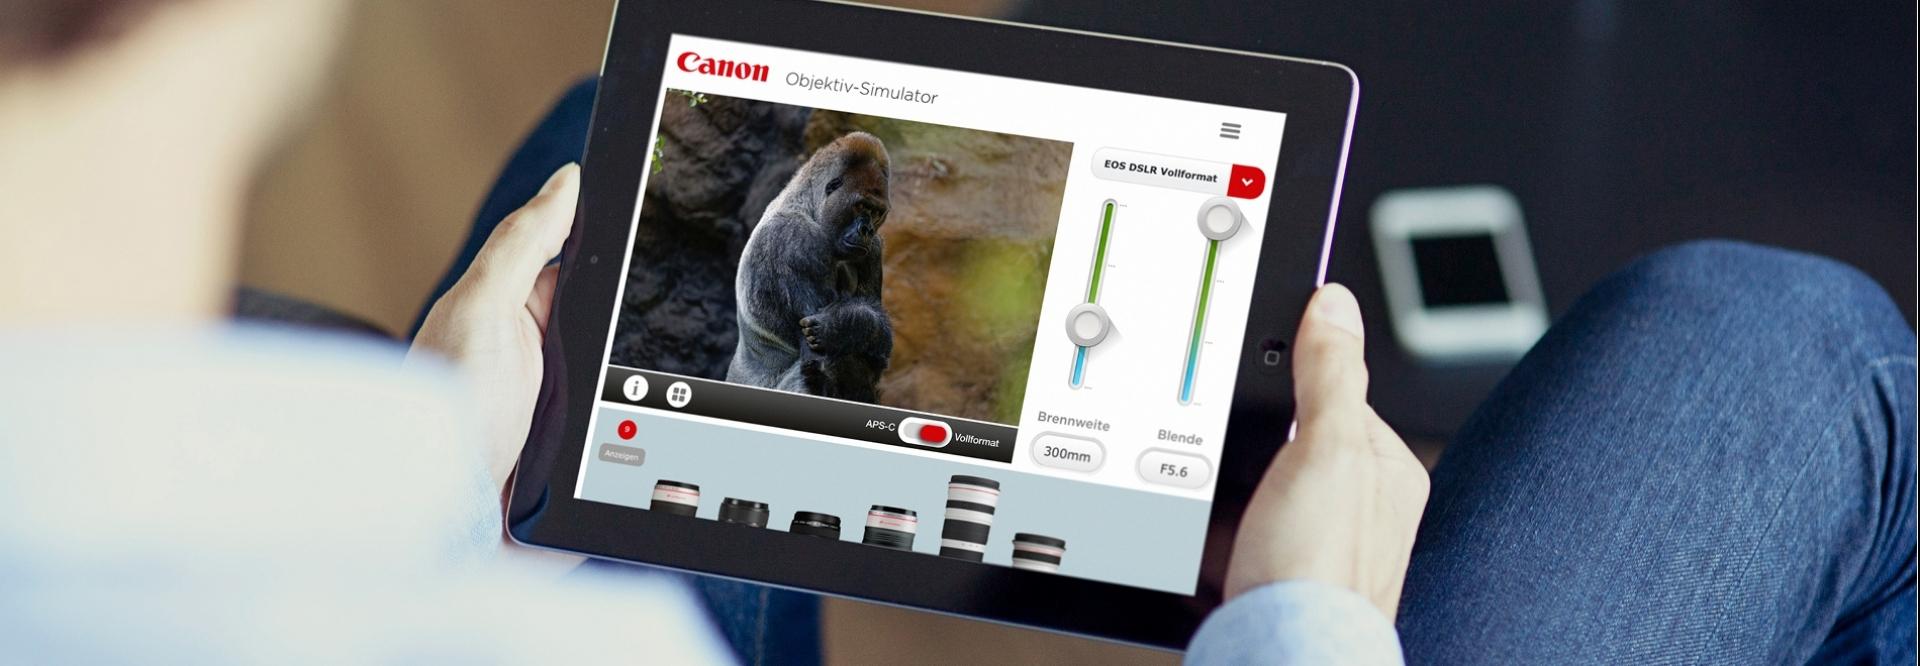 Canon, Objektive, Fotografie, Simulation